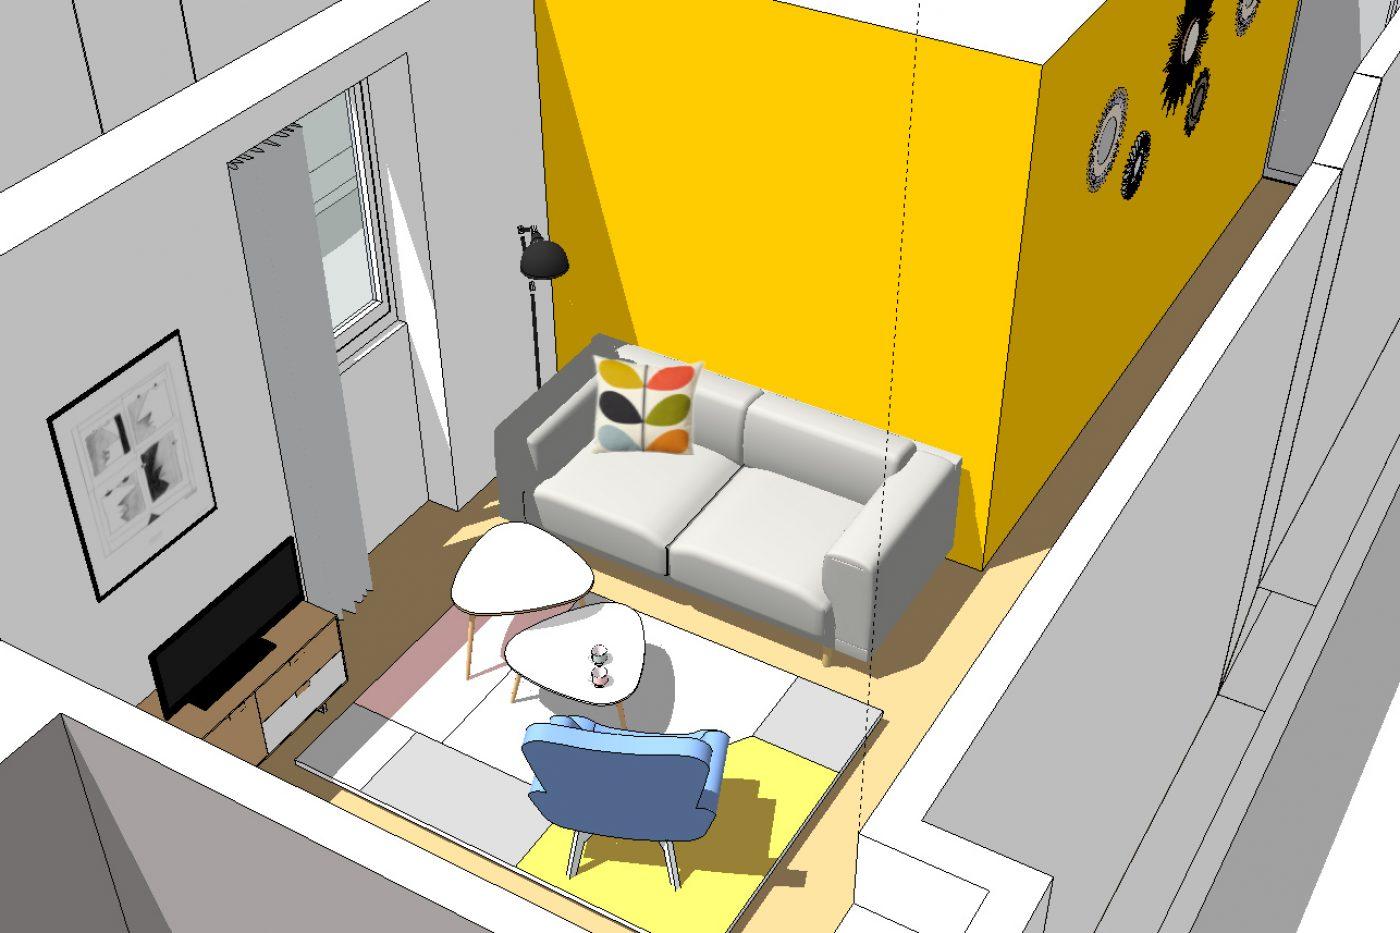 plan-3D-decoration-stylisme-paris